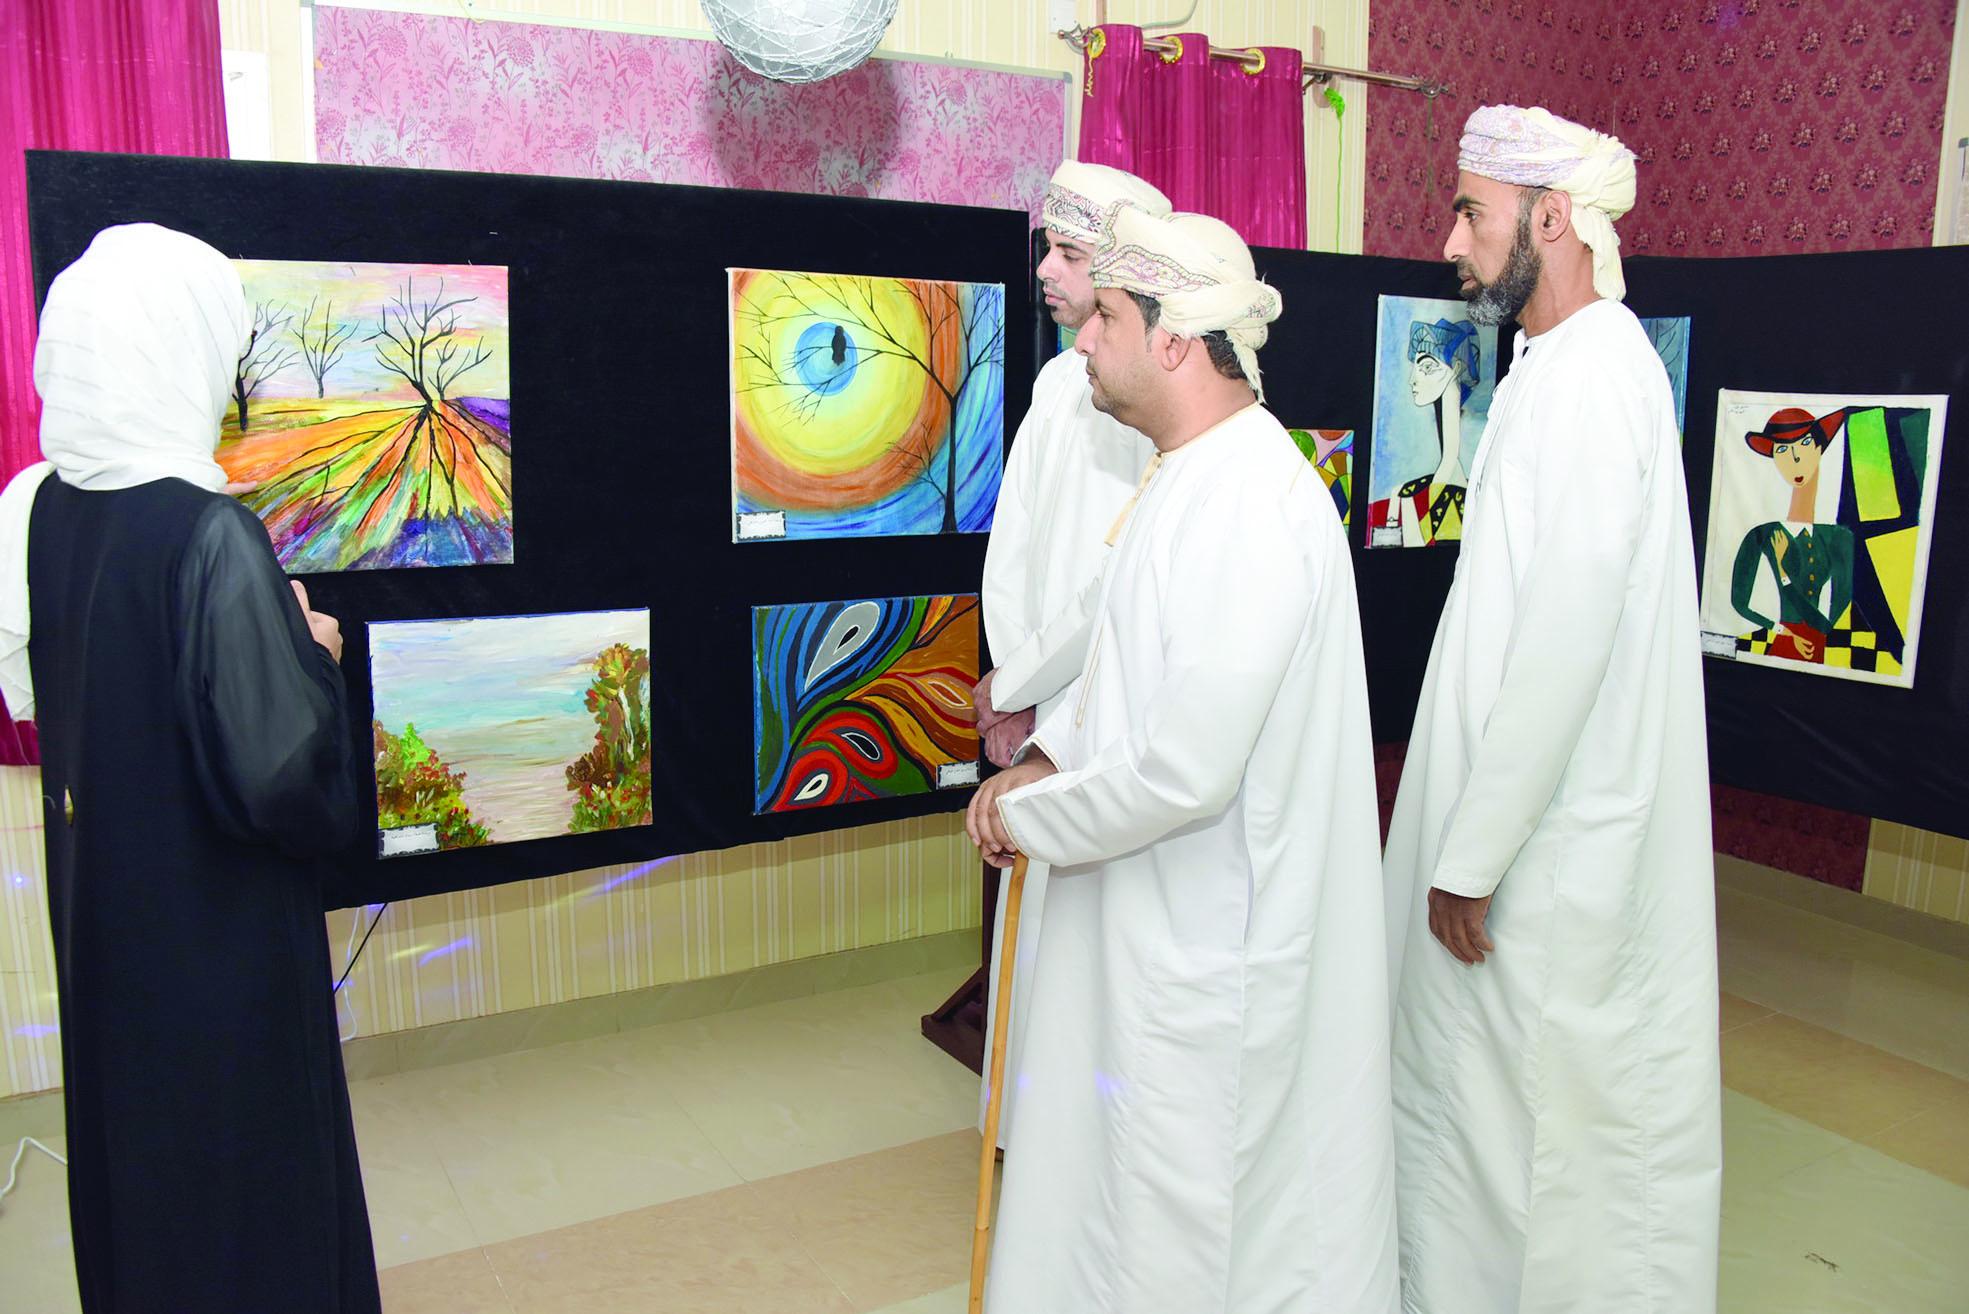 افتتاح المعرض الفني «بداية حلم» بتعليمية جنوب الشرقية